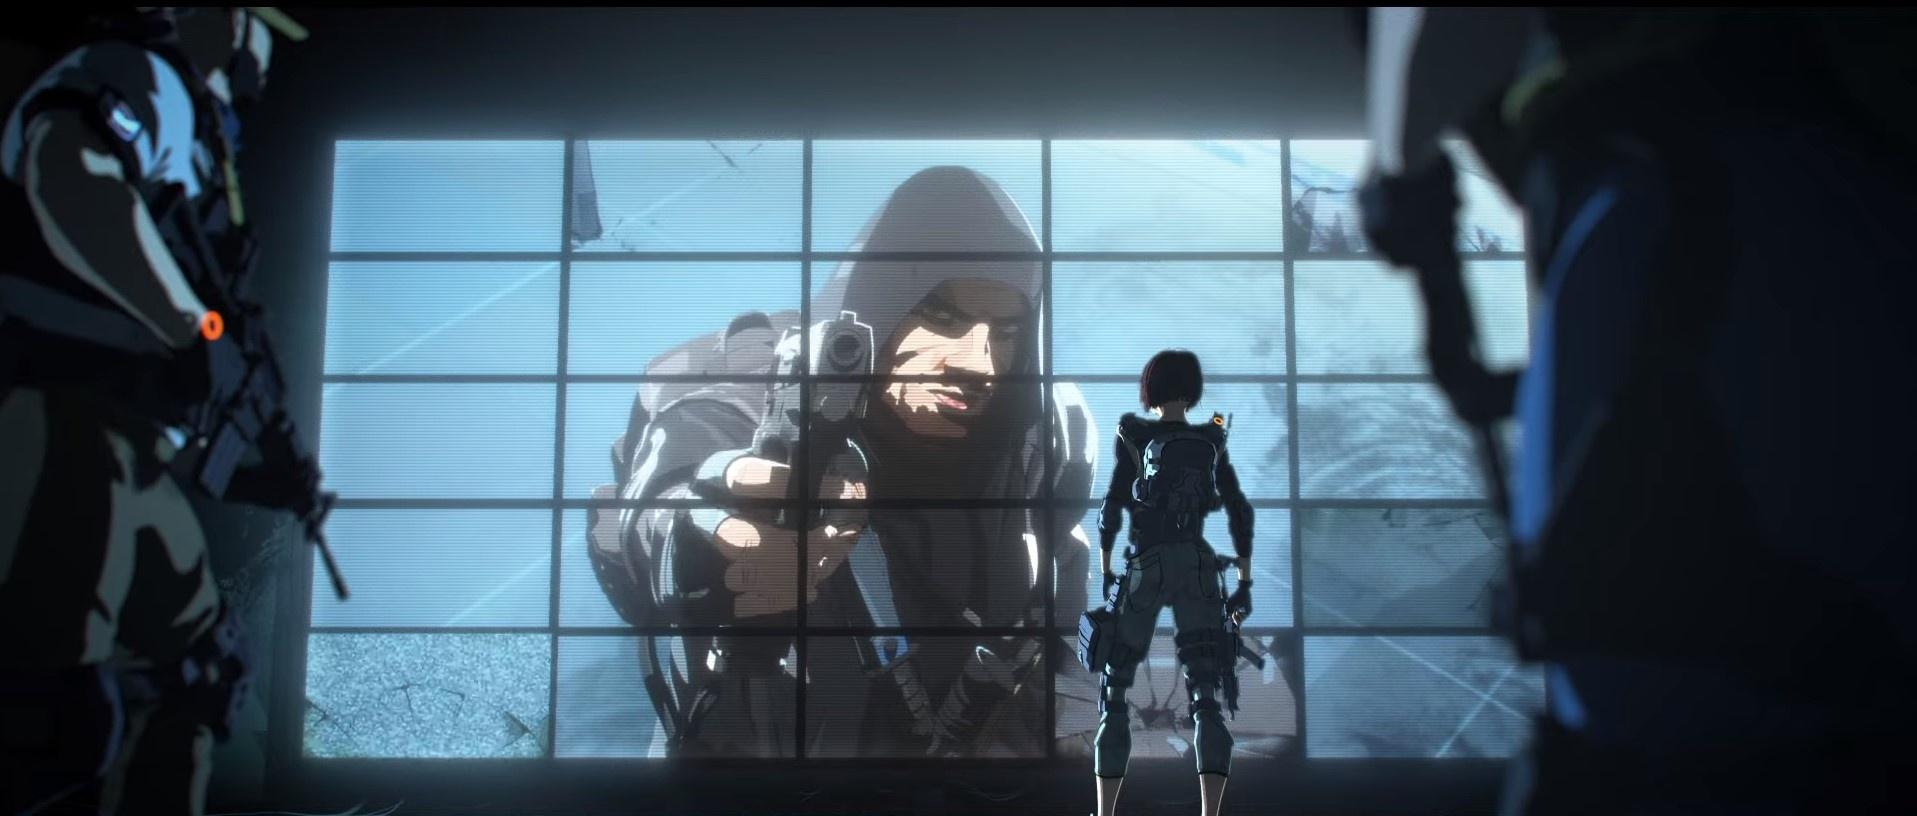 Для Нью-Йоркского расширения The Division2 выпустили анимационный приквел